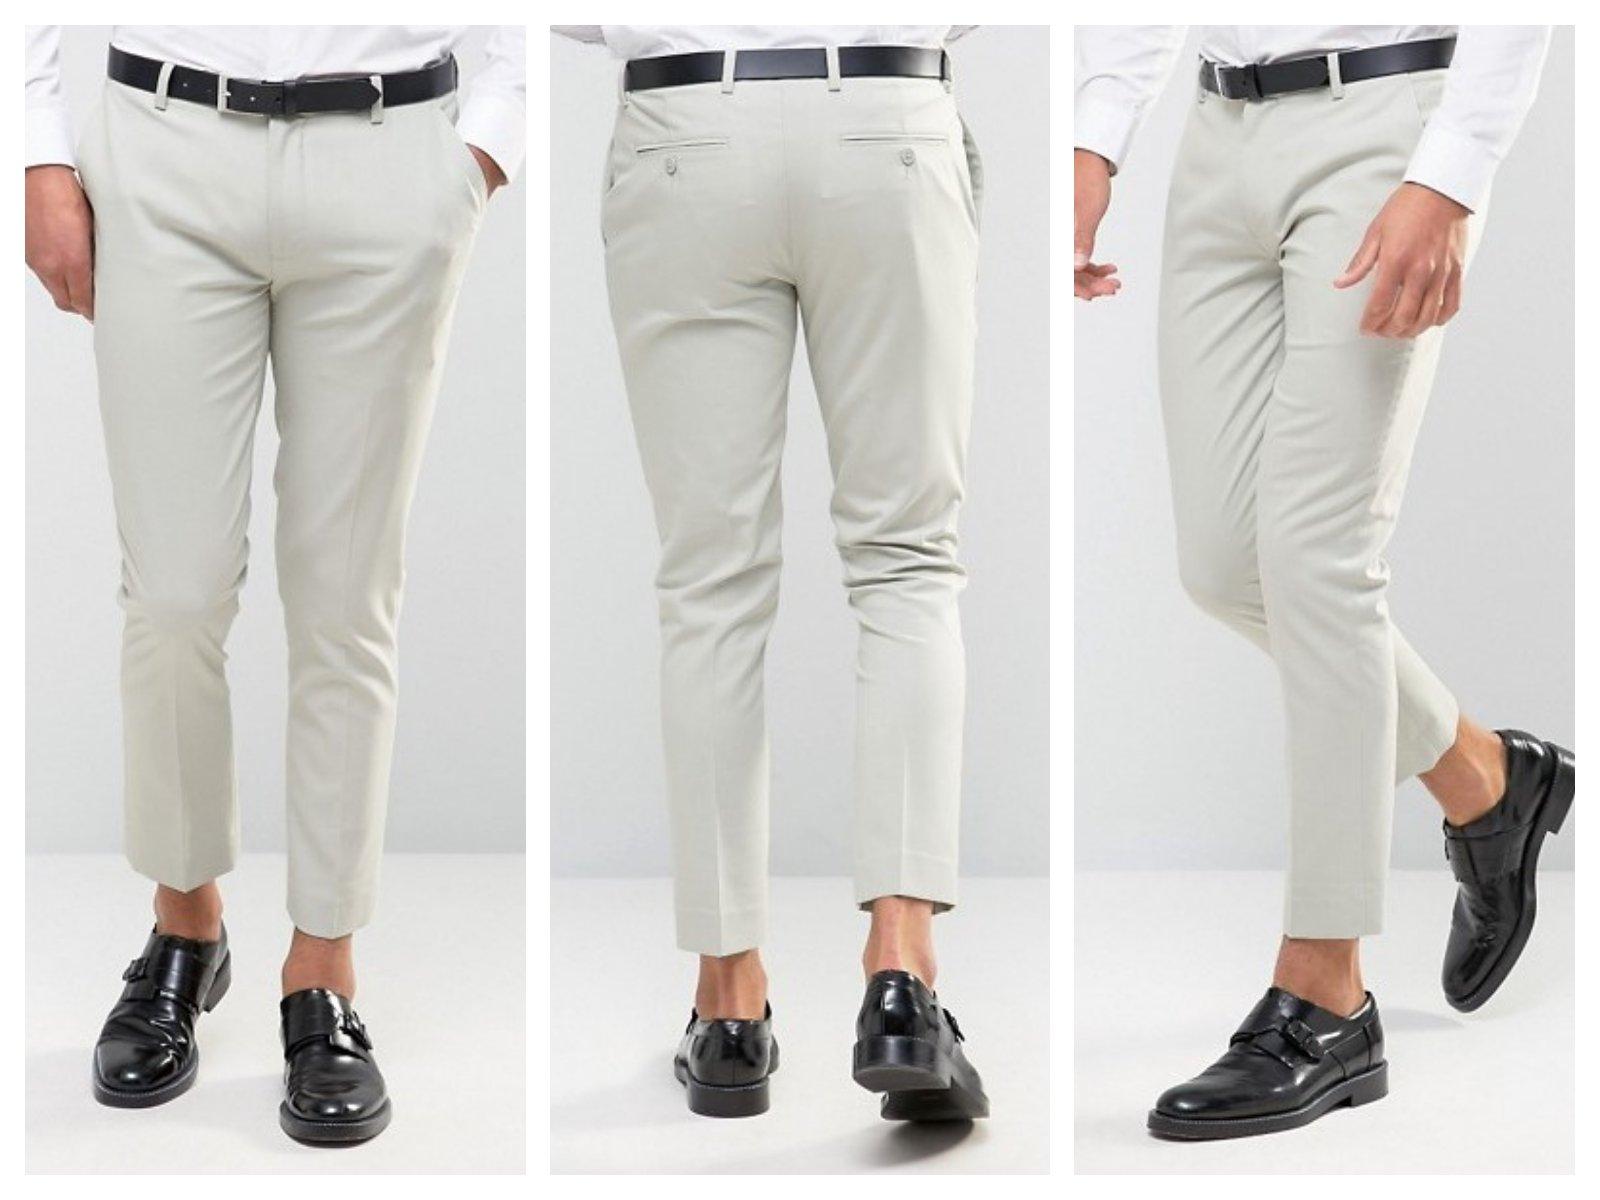 mf0 spodnie skinny szare eleganckie galowe W29 L30